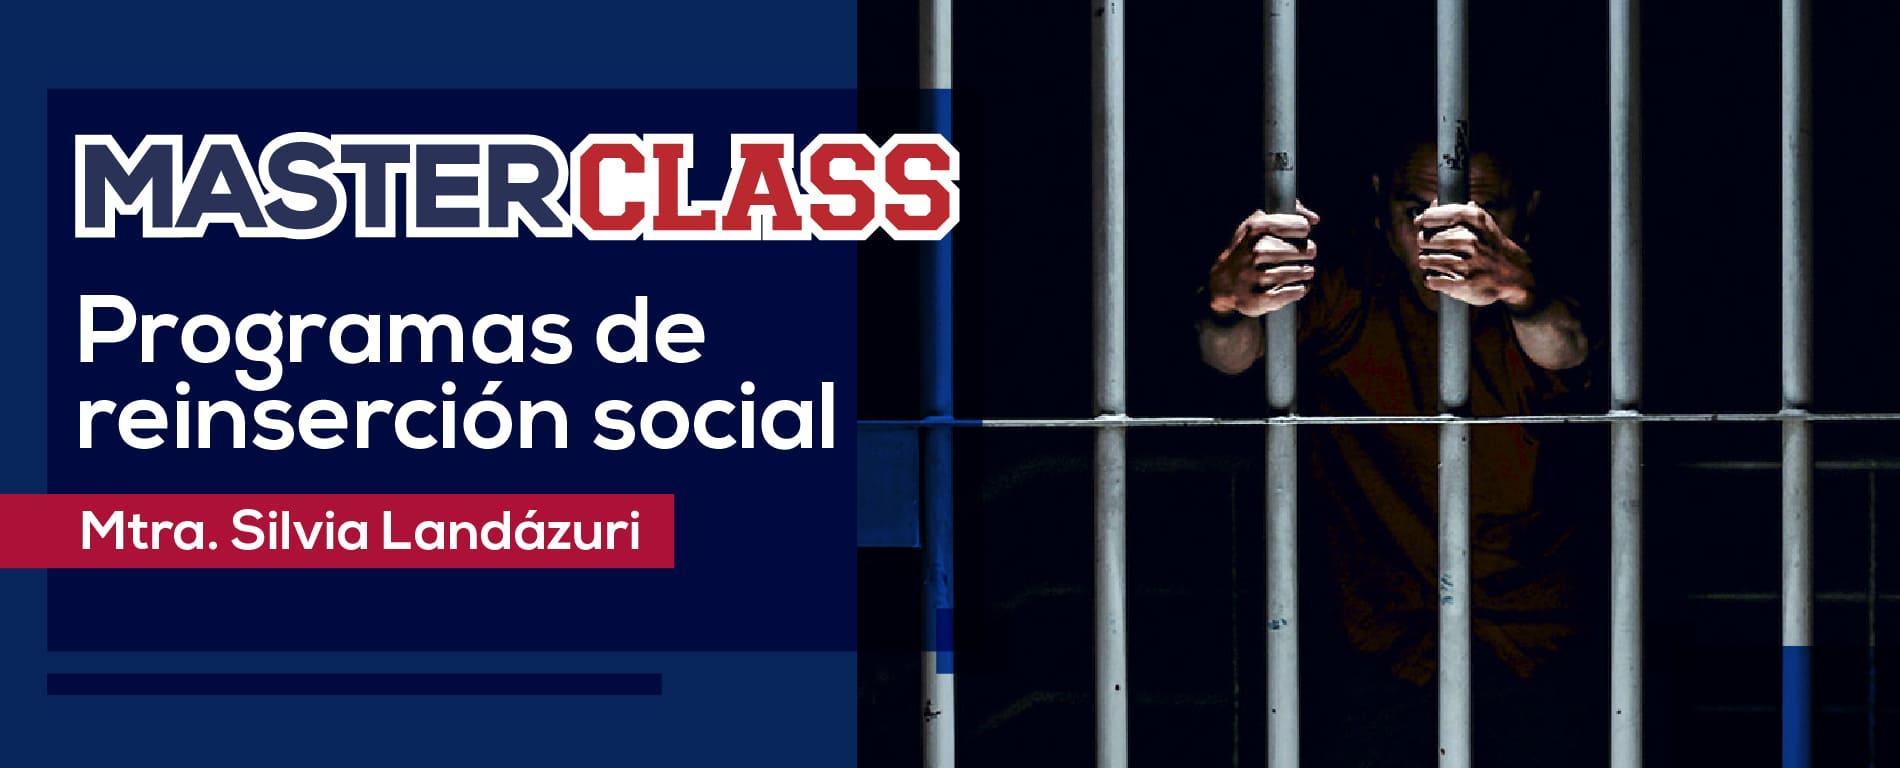 Masterclass - Programas de reinserción social